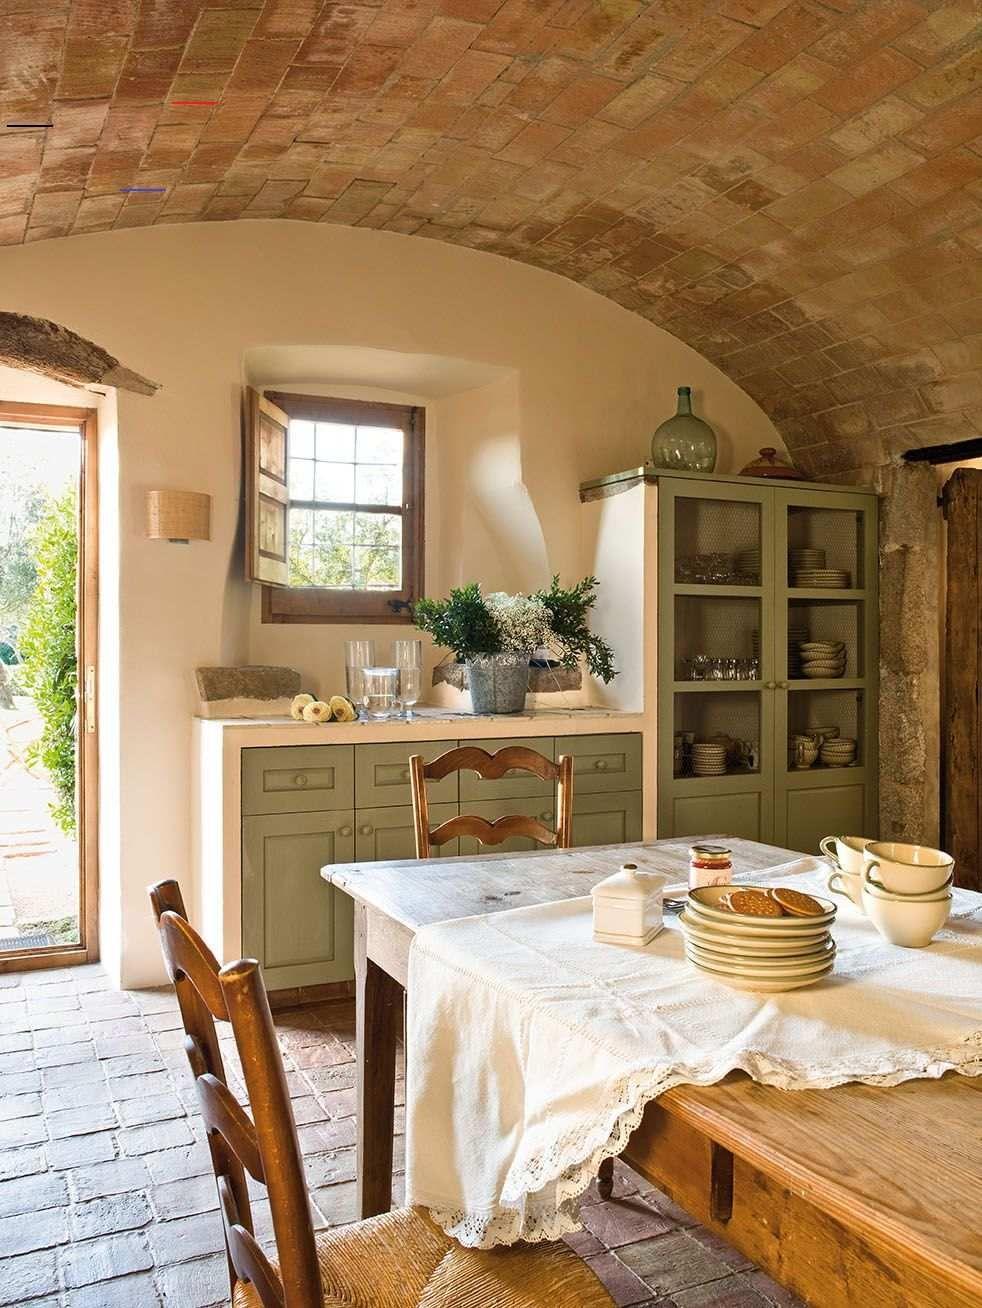 Cette ancienne ferme du 17ème siècle a été restaurée pour devenir une belle maison contemporaine ...